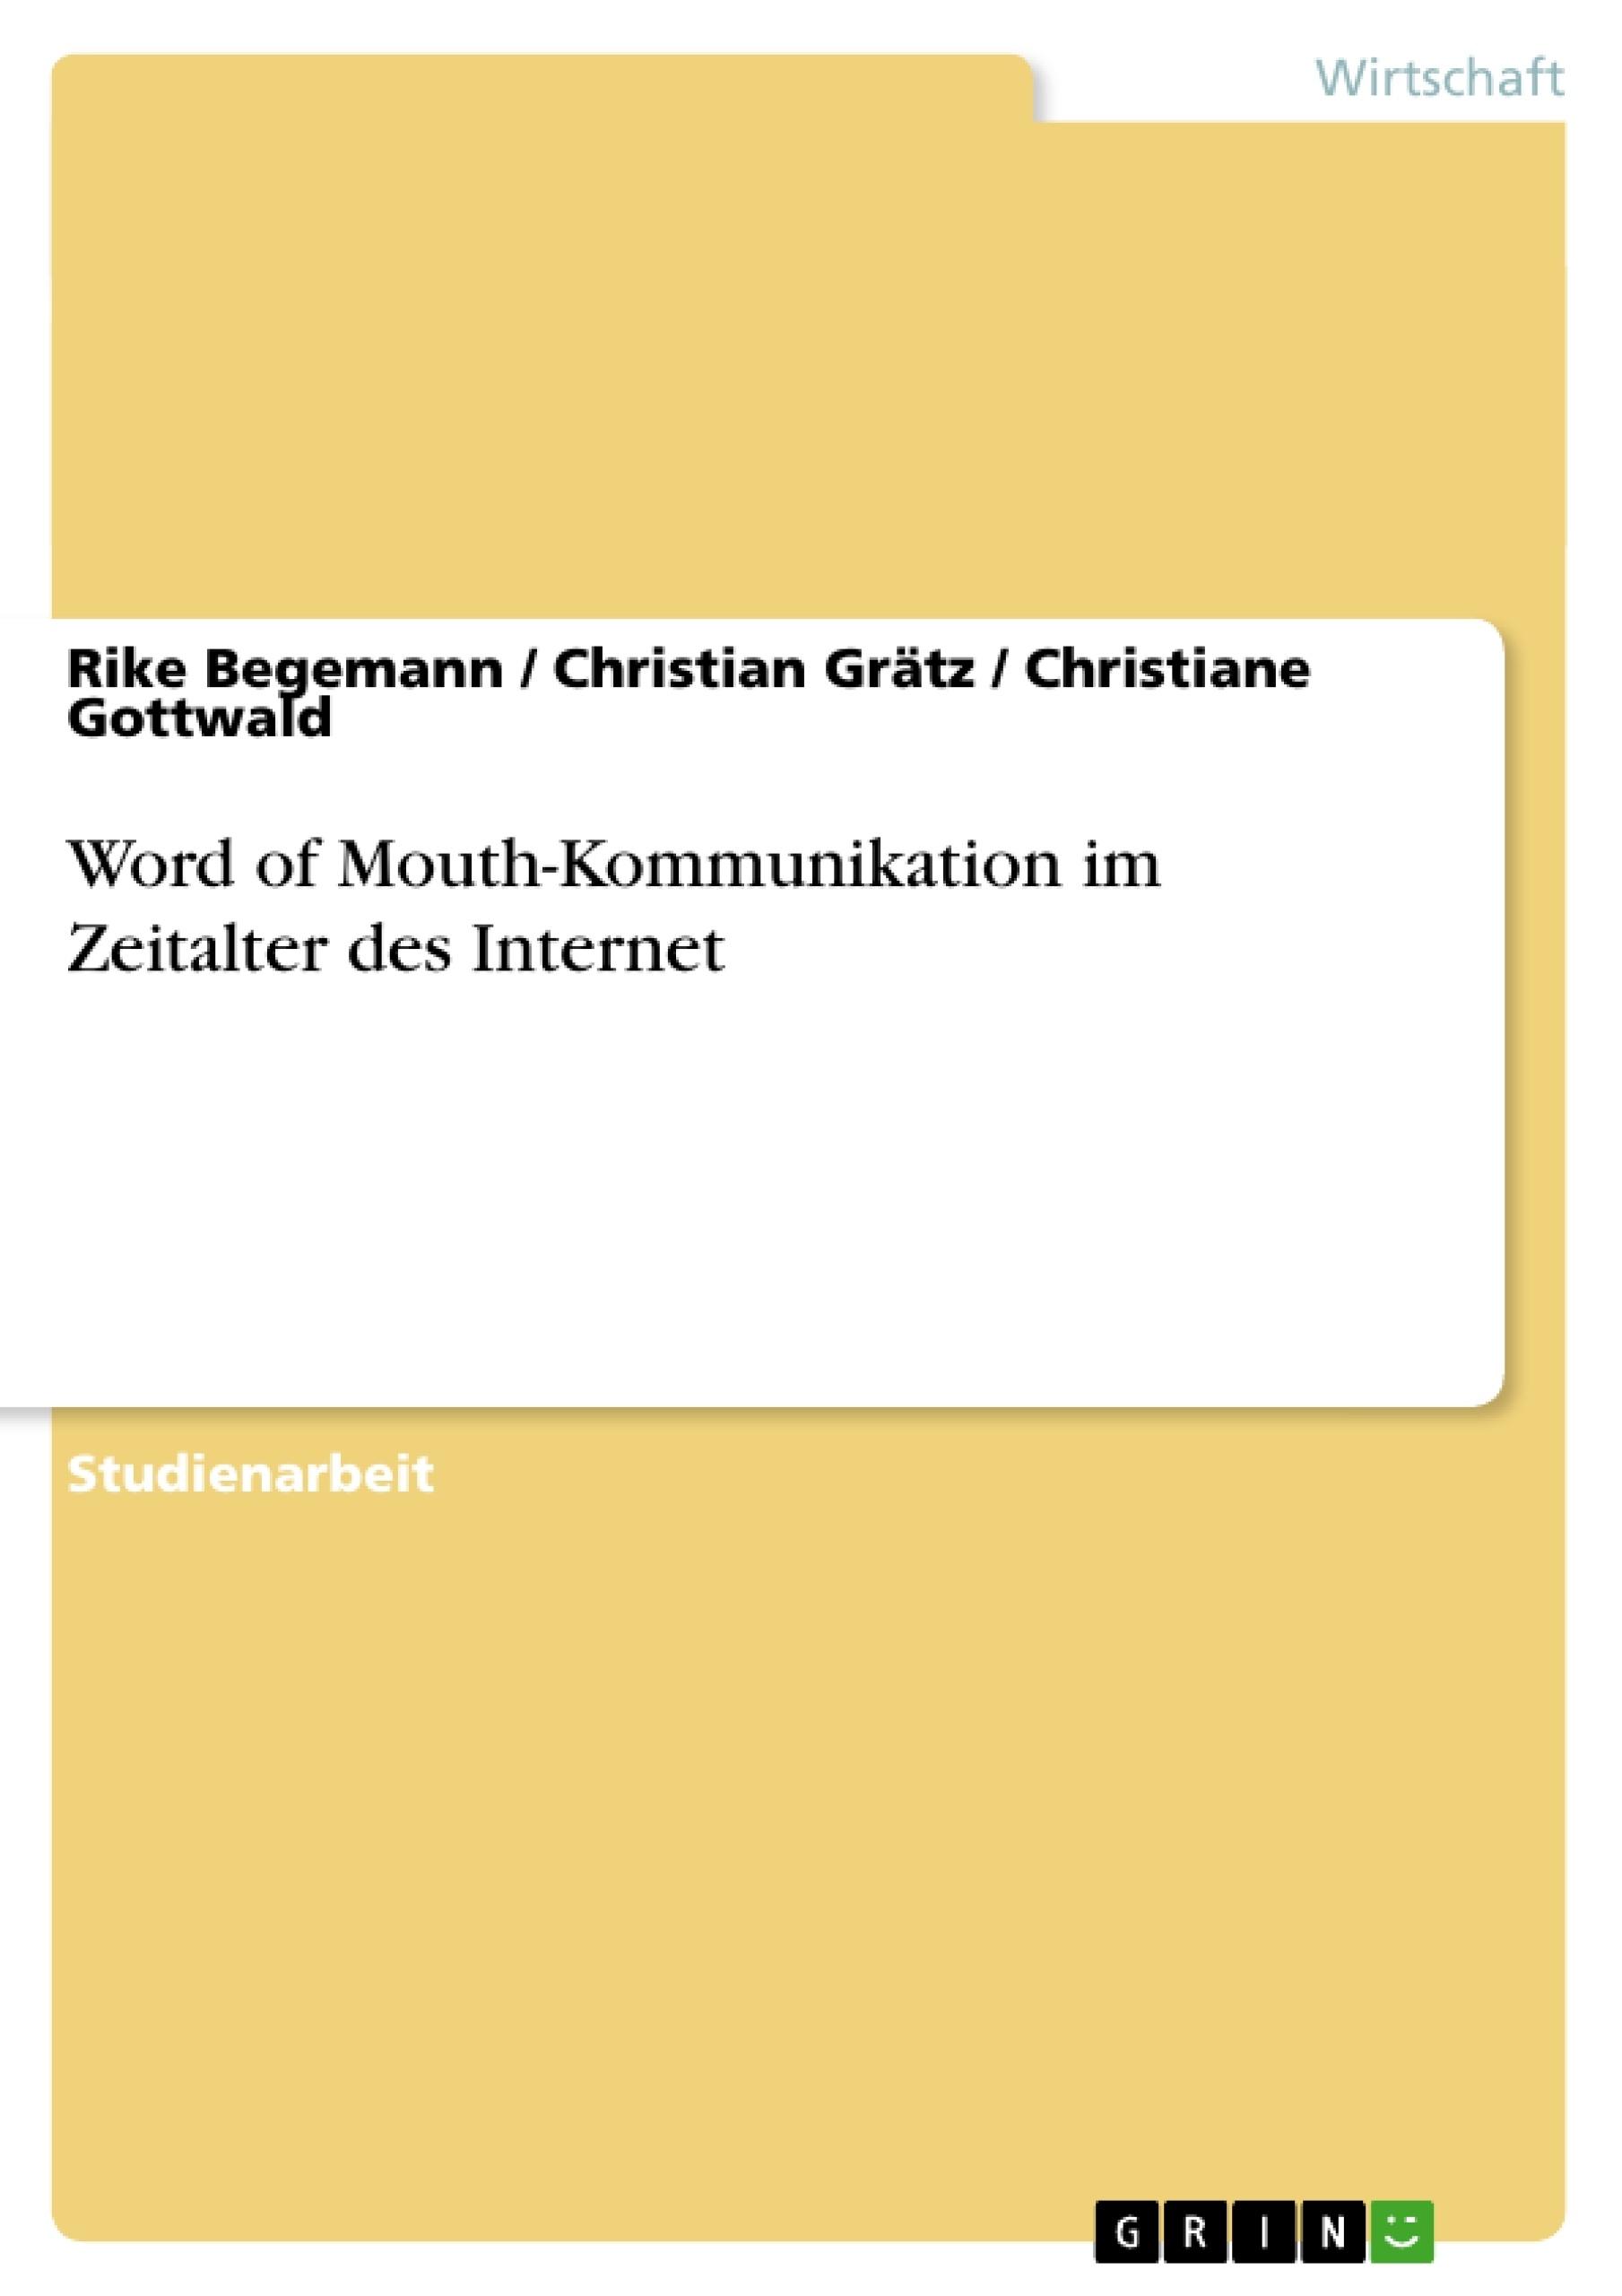 Titel: Word of Mouth-Kommunikation im Zeitalter des Internet